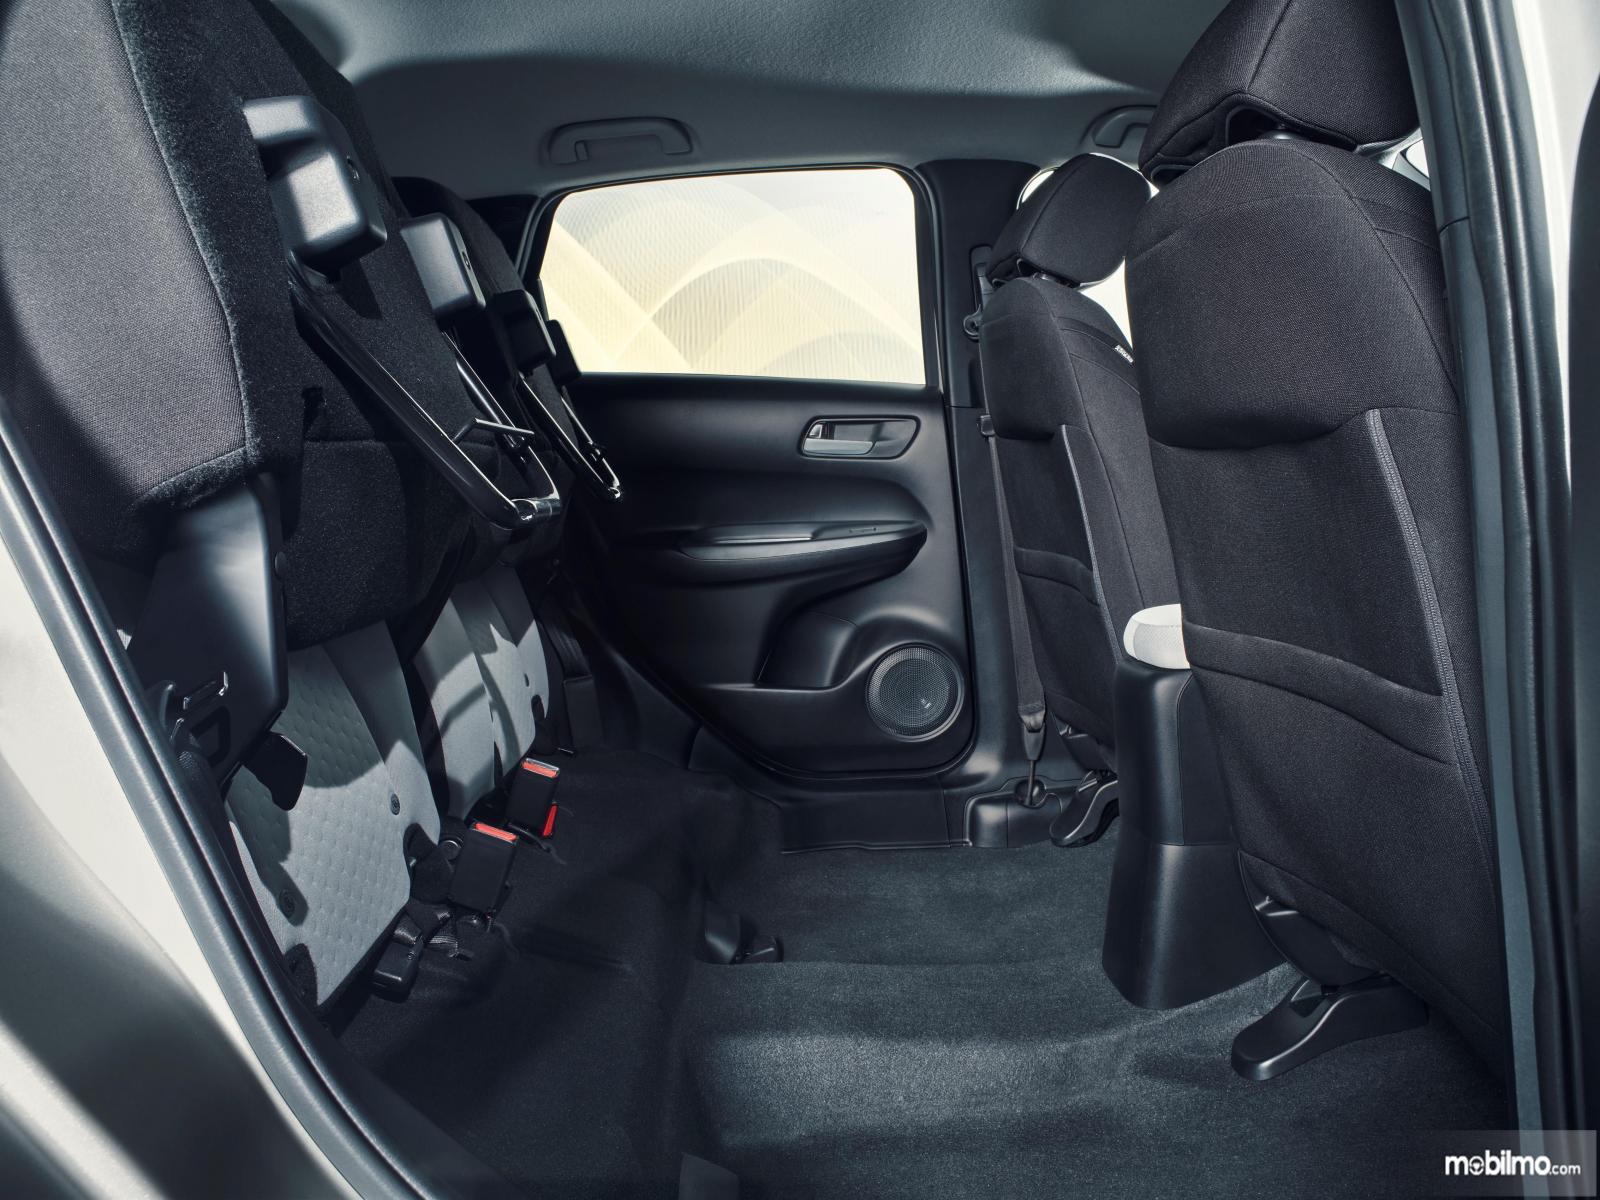 Gambar menunjukkan Fitur Ultra Seat All New Honda Brio 2020